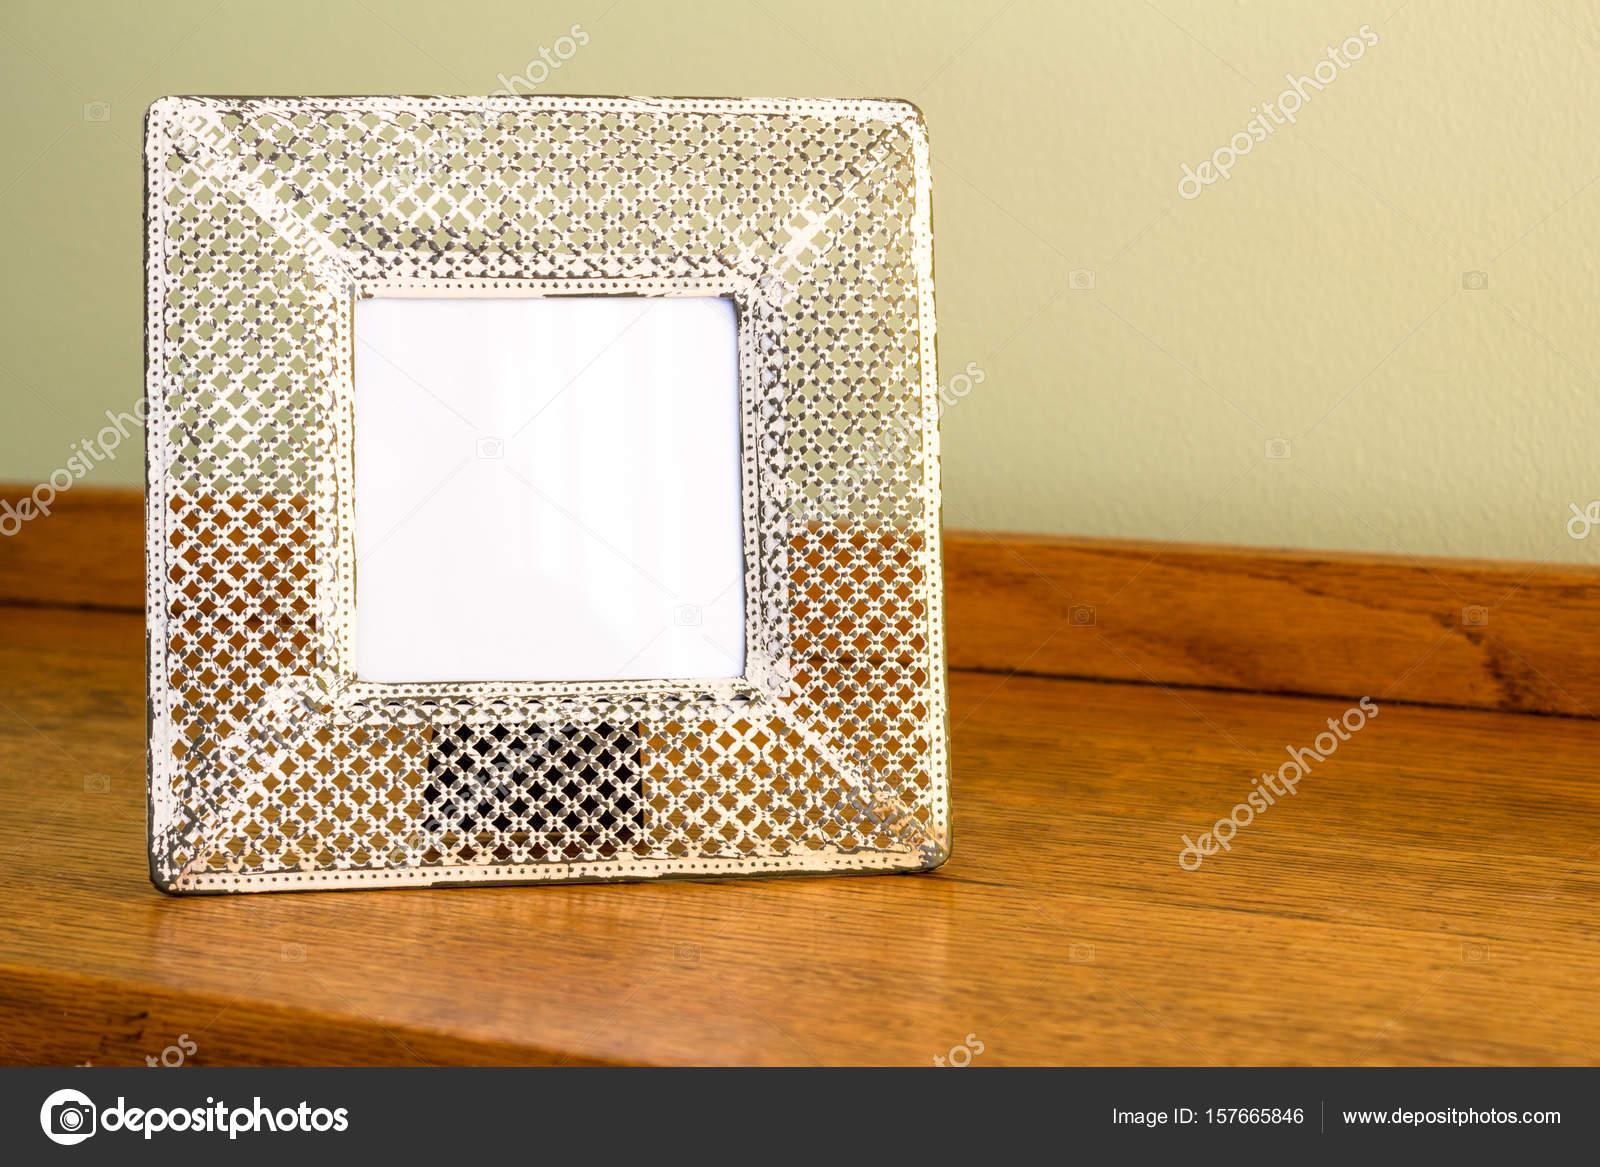 Foto marco - ancho crema colores metal perforado marco delicado ...